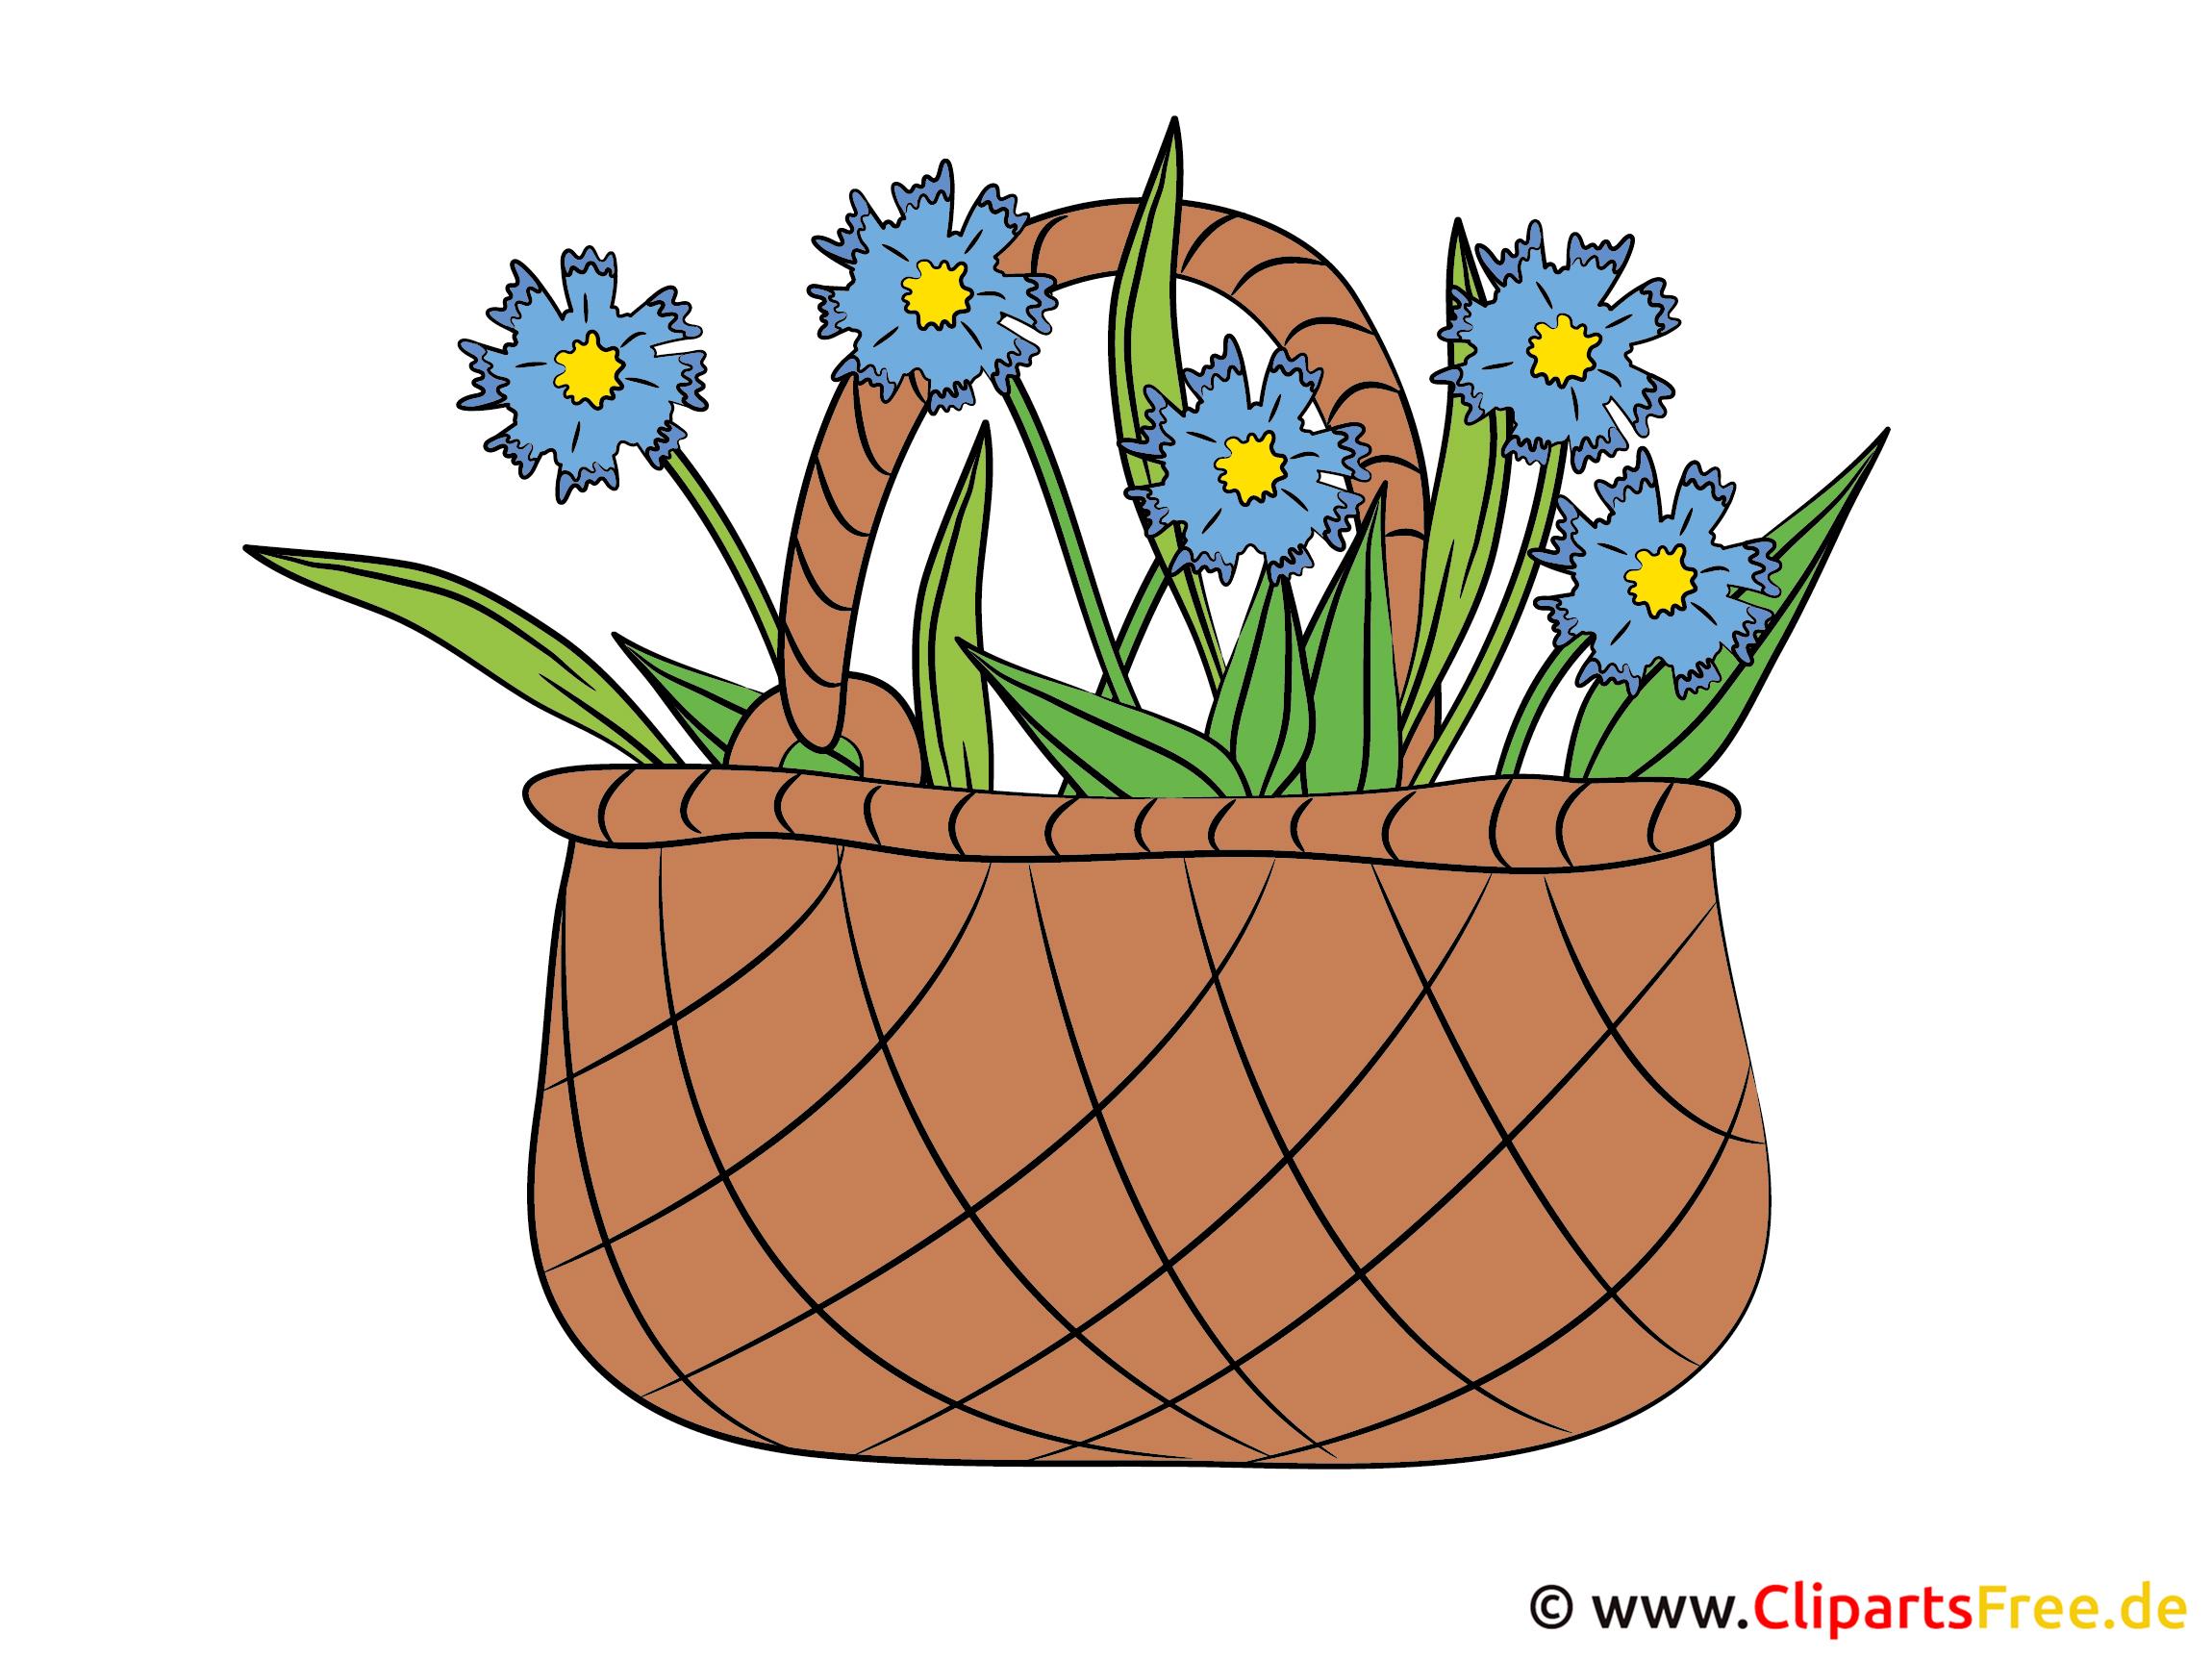 Blumenkorb Clipart - Bild